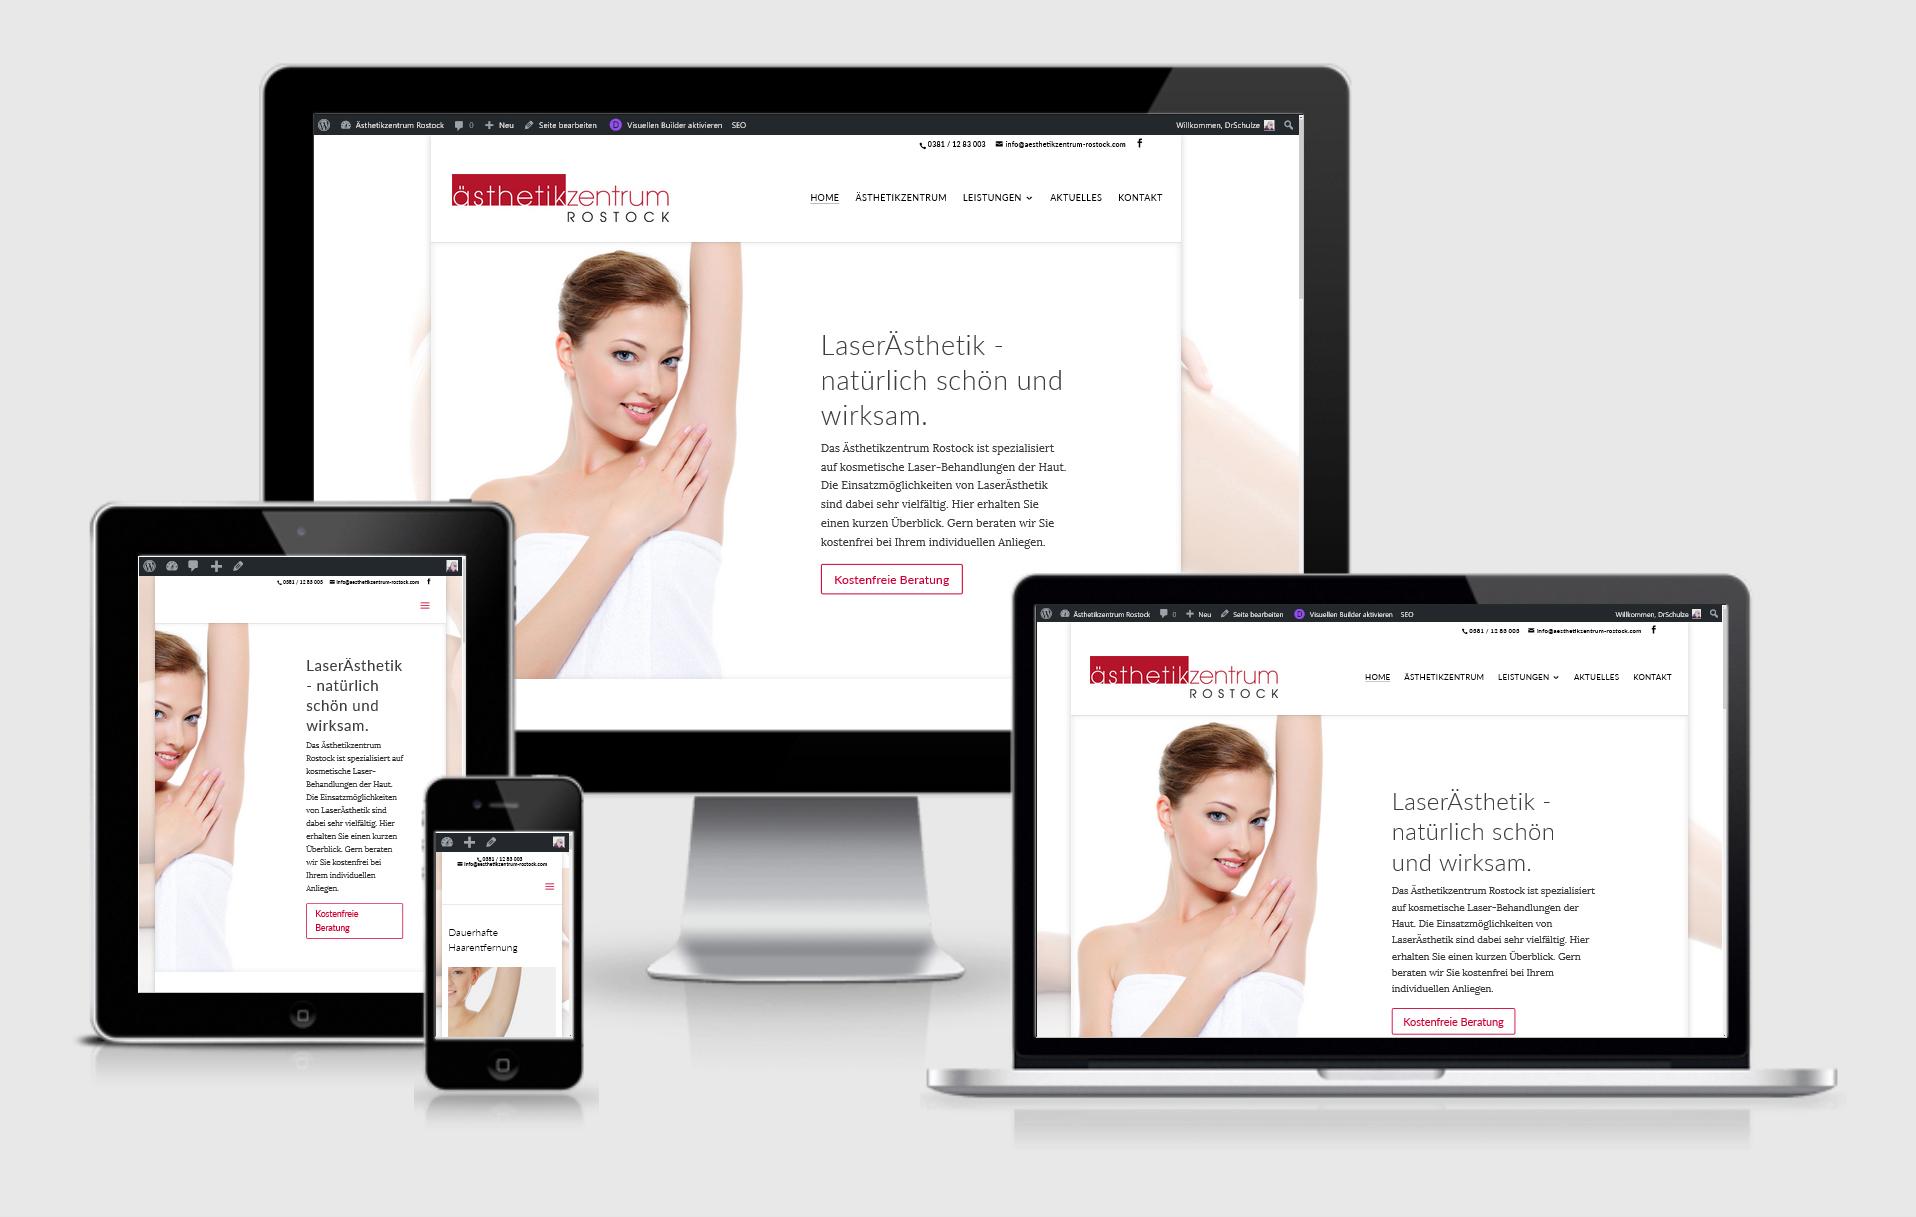 website firmenwebsite rostock